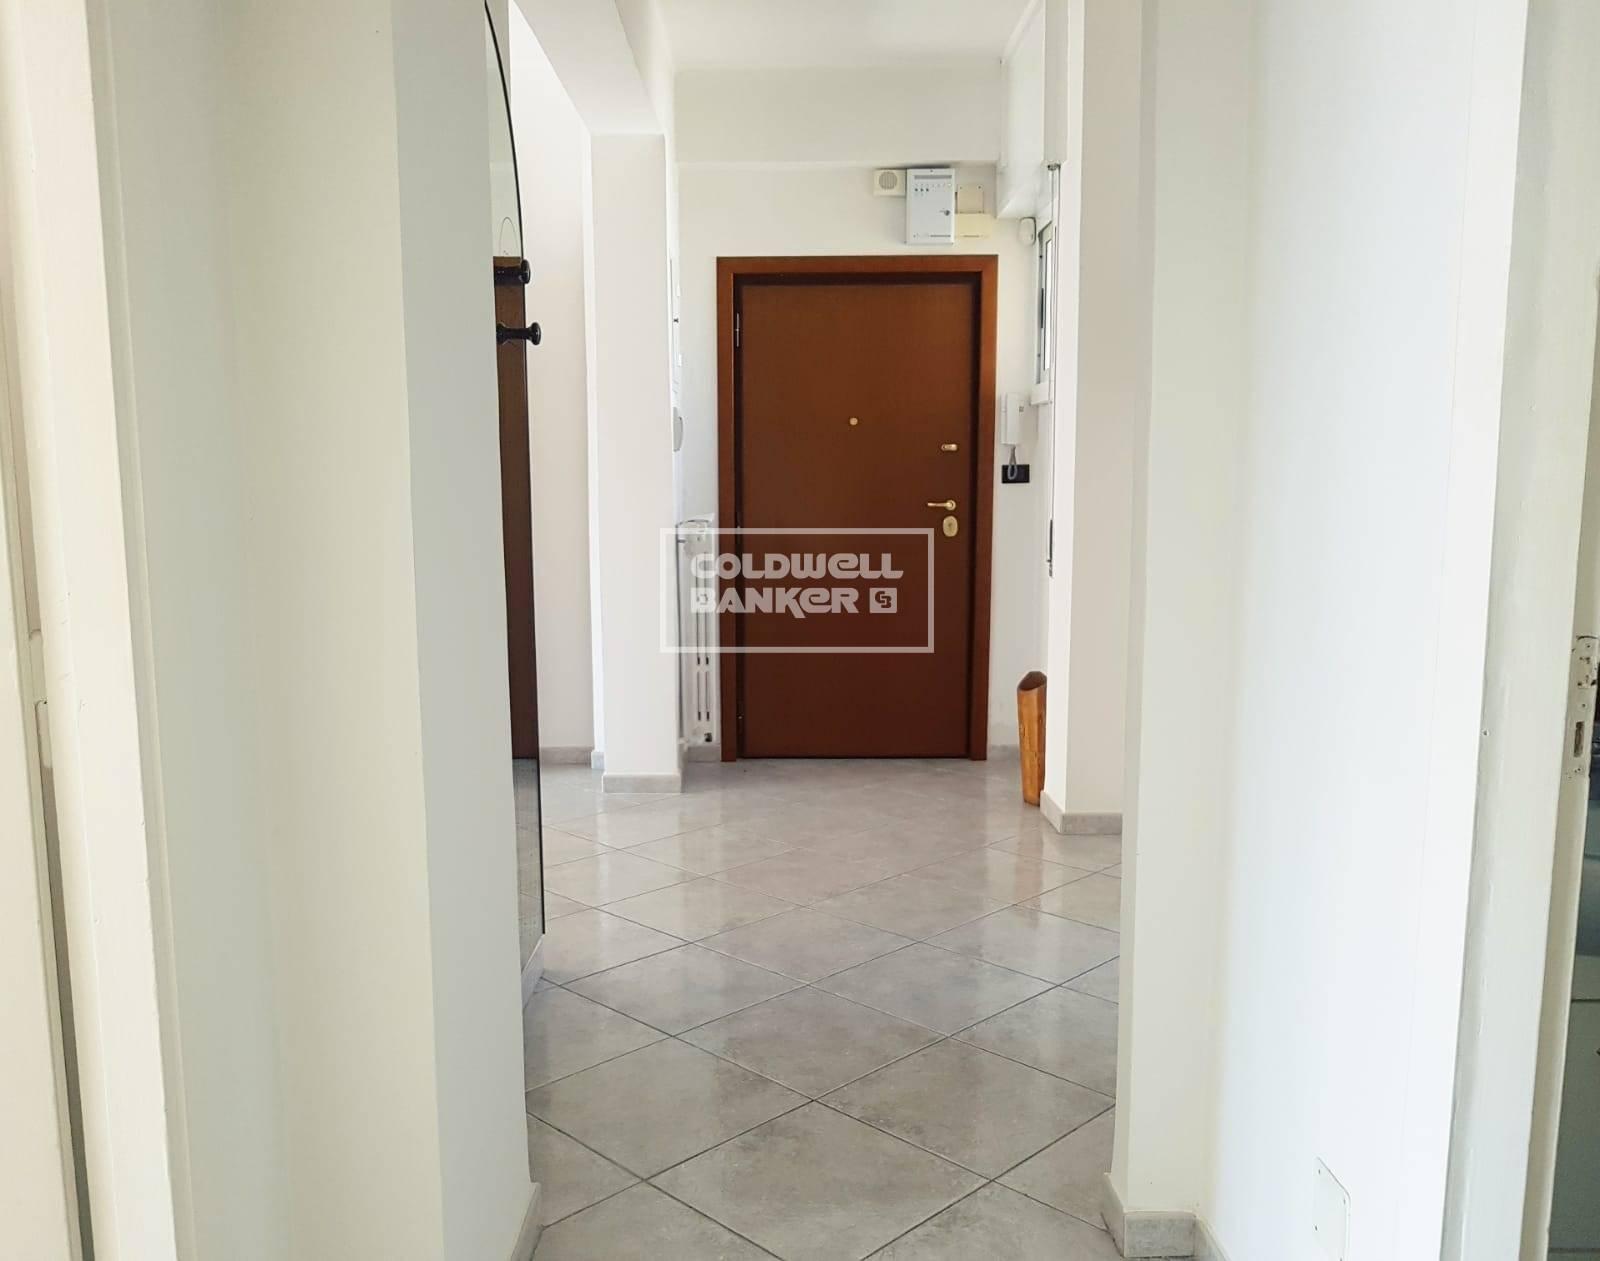 Appartamento BRINDISI vendita  Cappuccini  Coldwell Banker Millenia